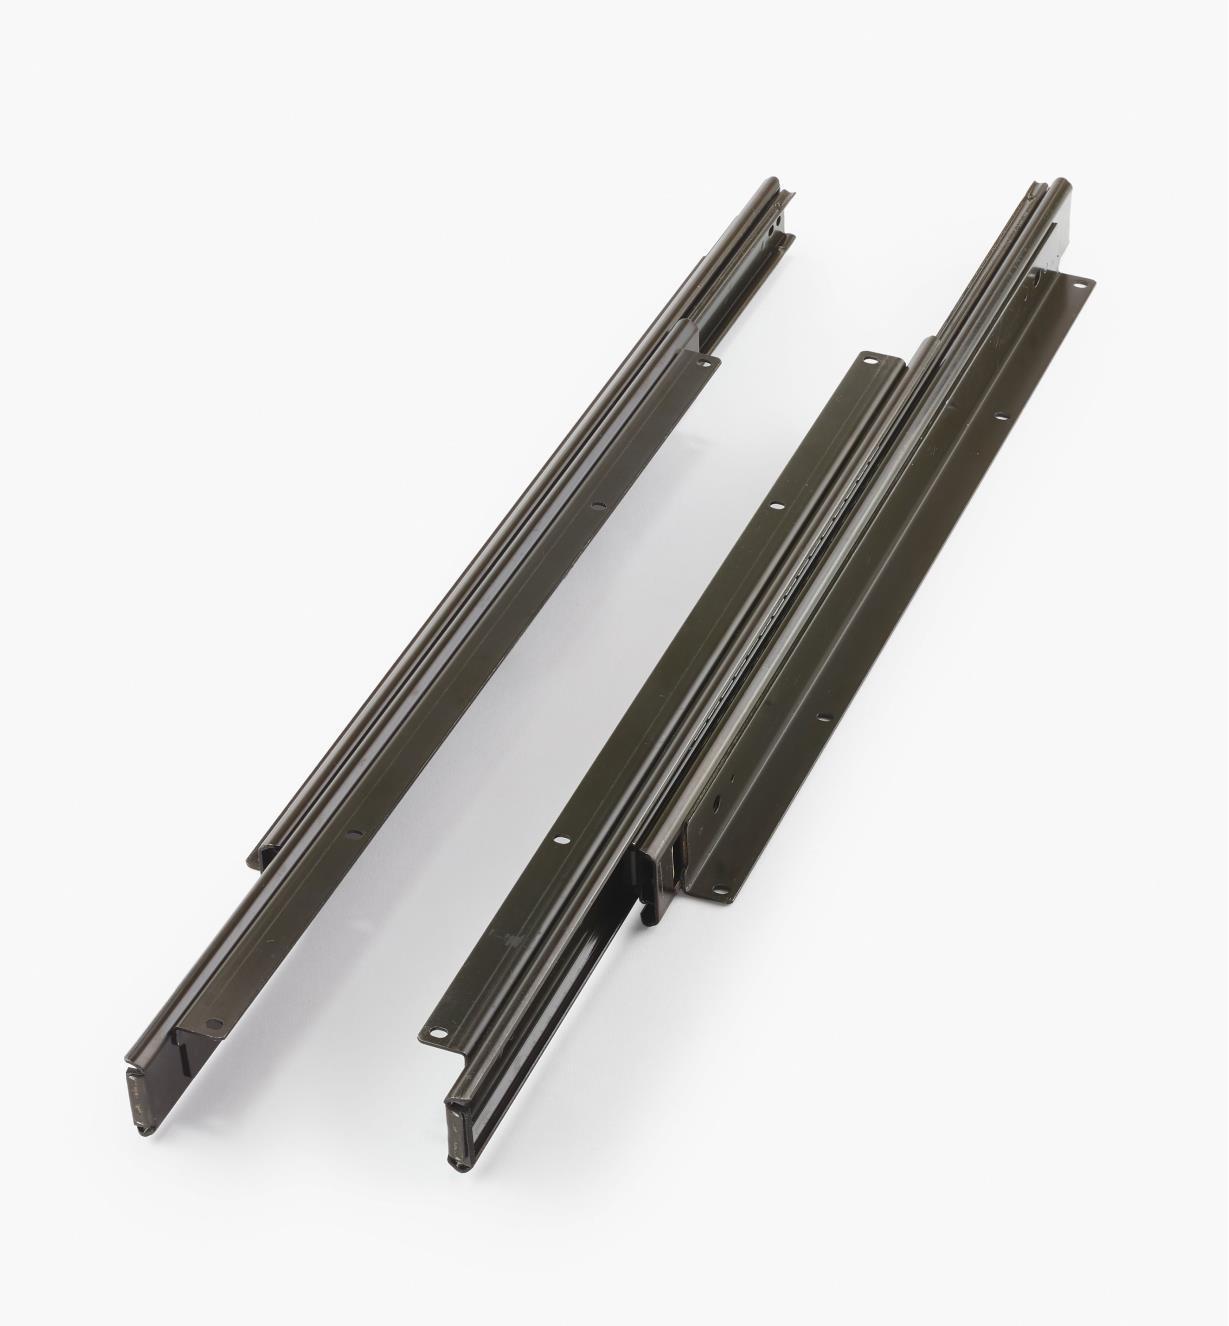 02K4518 - Coulisses de meuble audio-vidéo pour charge de 130lb –18po, la paire